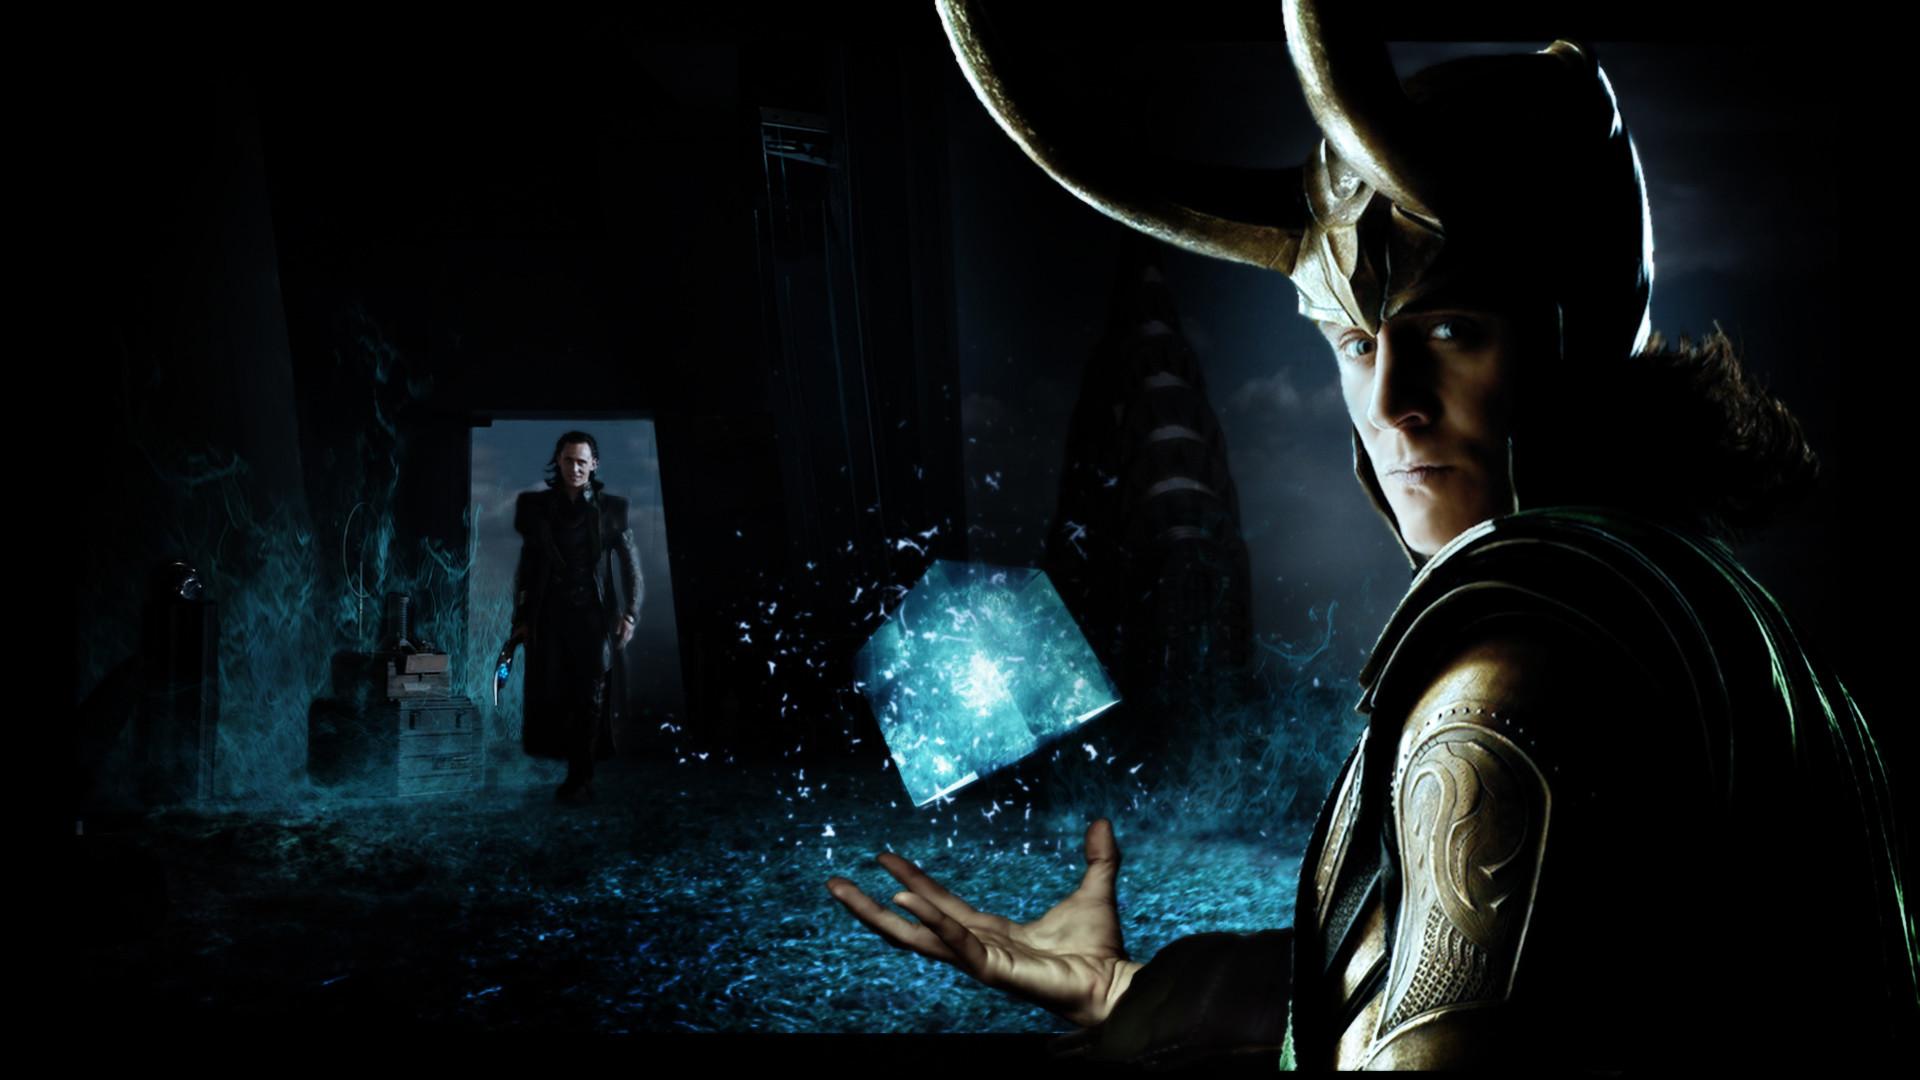 Wallpaper Loki Posted By Zoey Peltier